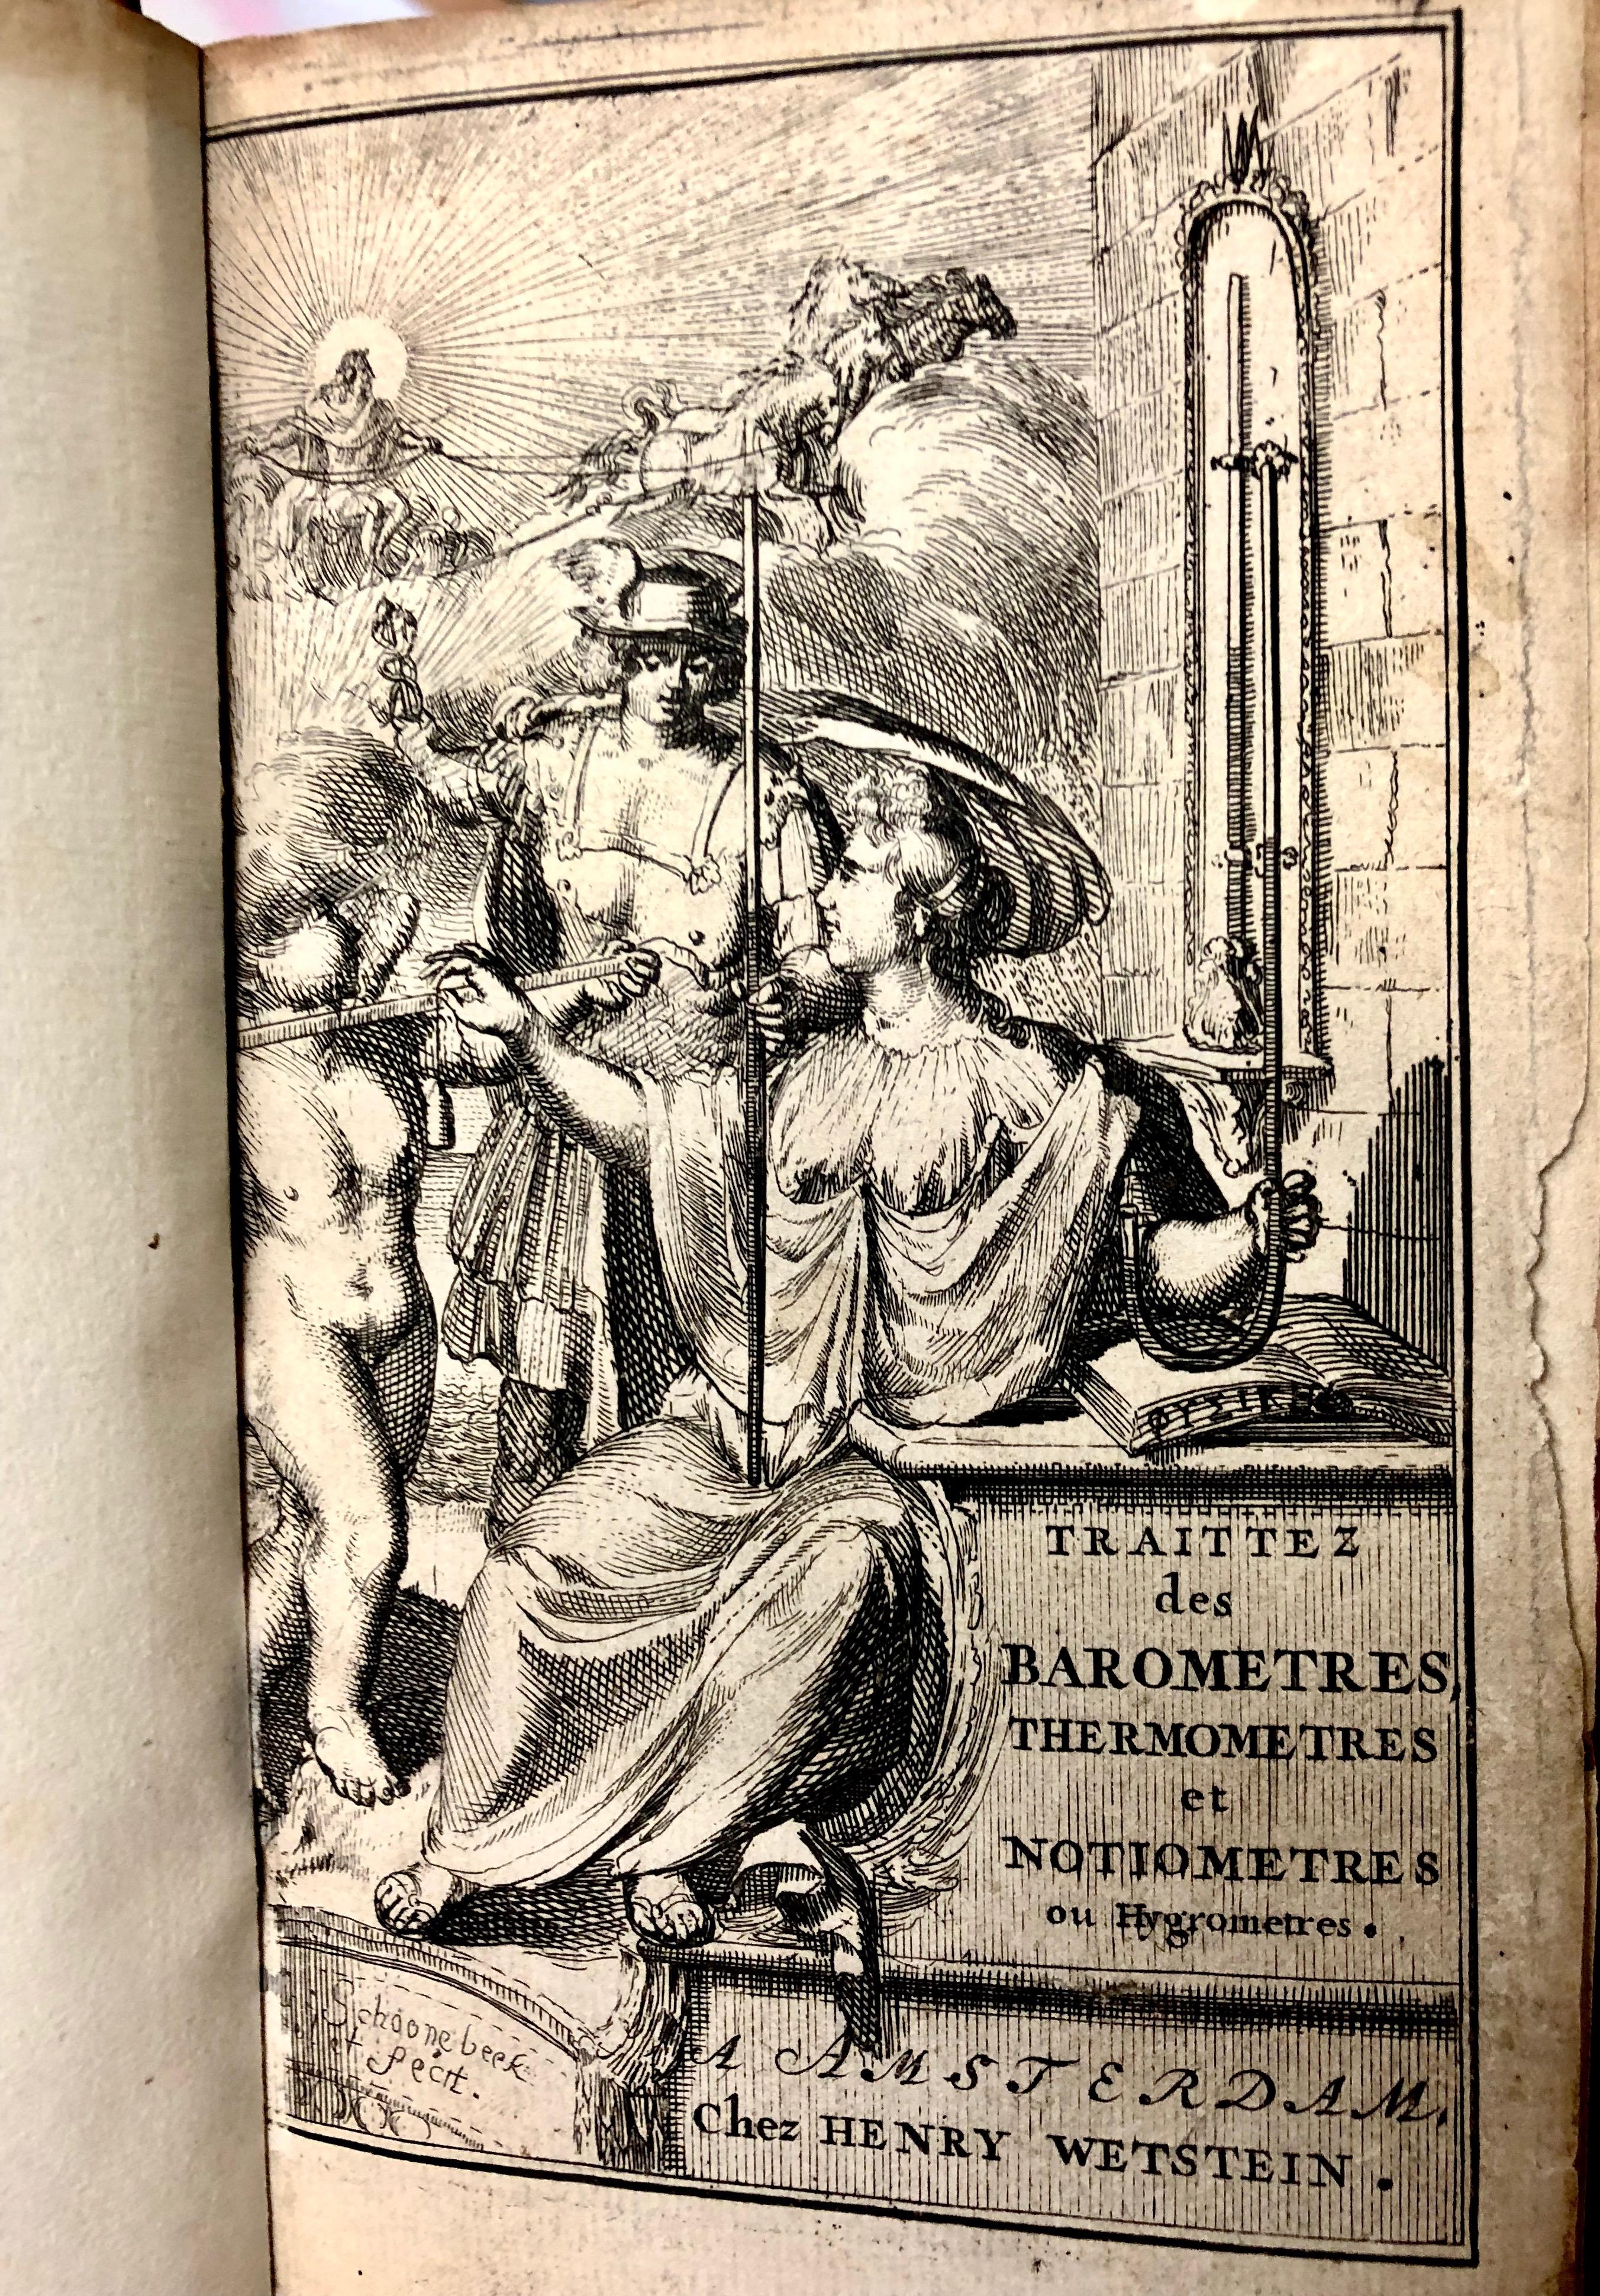 Illustration from ' Traittez des baromètres, thermomètres, et notiomètres : ou hygromètres' by Joachim d'Alence, 1688, Amsterdam. (Maddison Collection 2A5, F10456500)